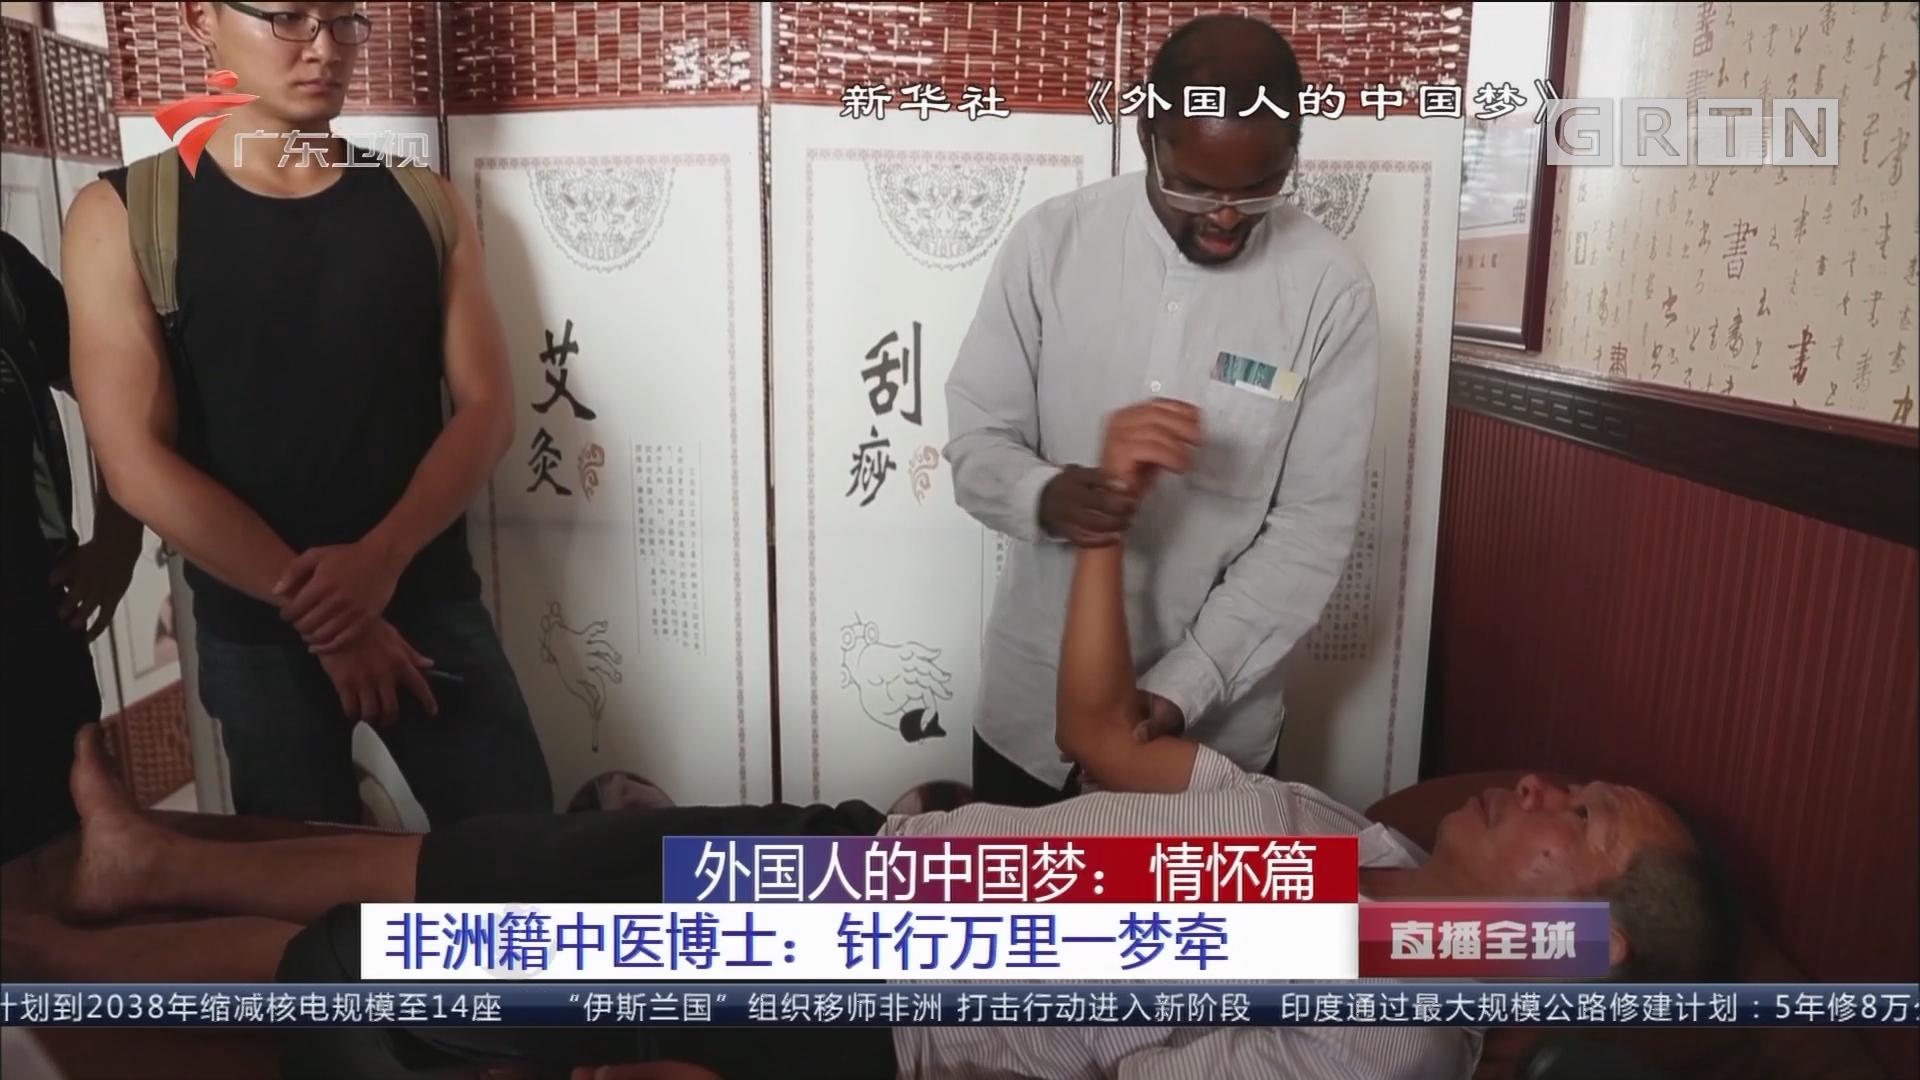 外国人的中国梦:情怀篇 非洲籍中医博士:针行万里一梦牵